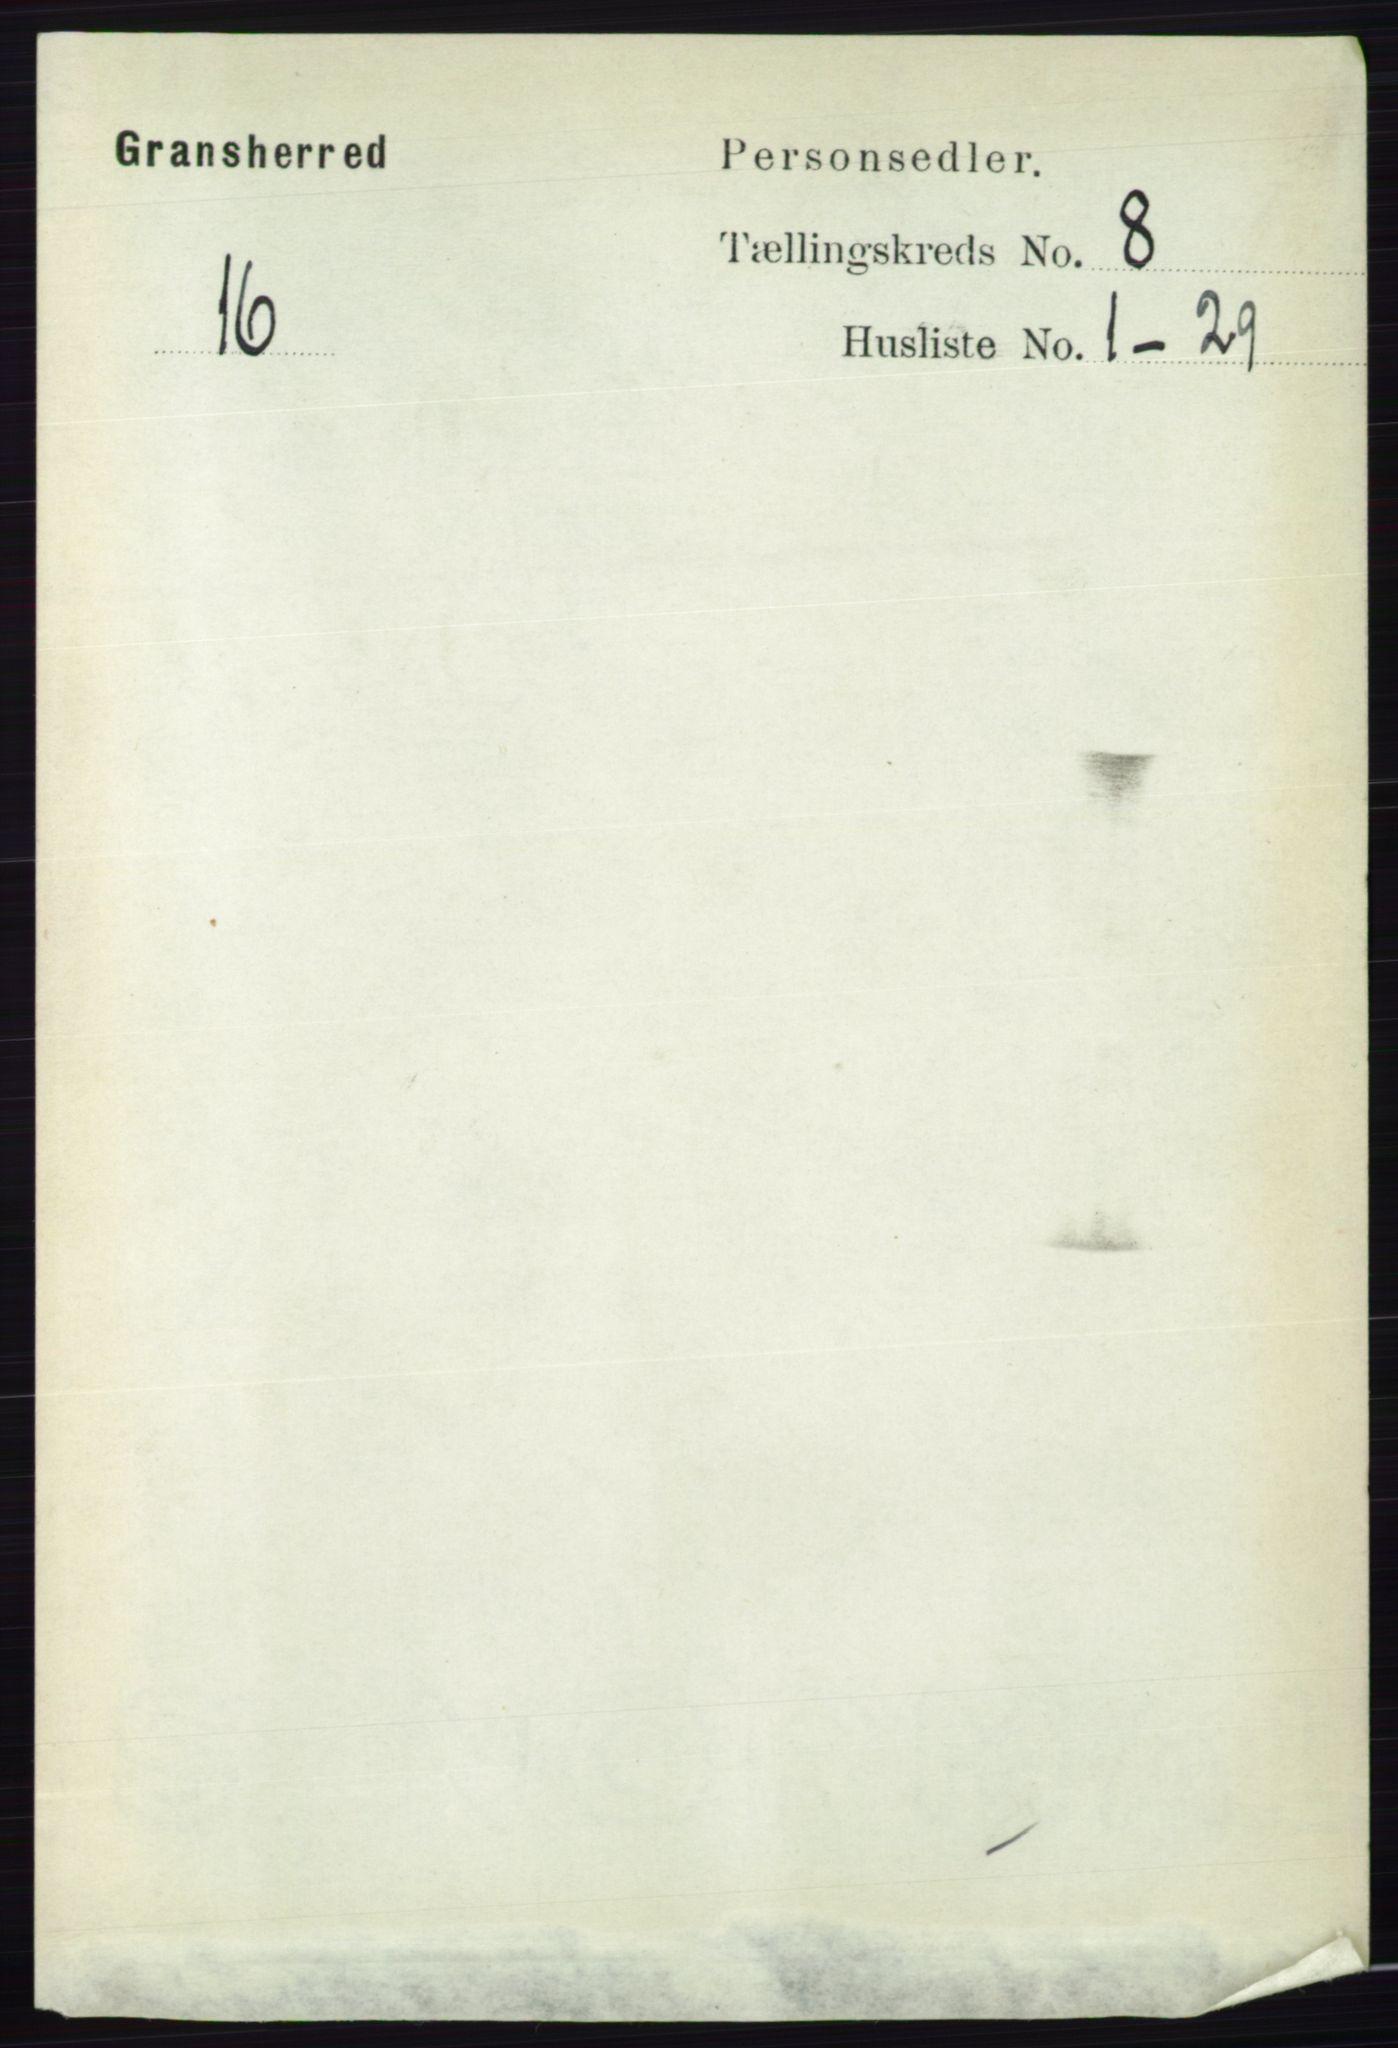 RA, Folketelling 1891 for 0824 Gransherad herred, 1891, s. 1409